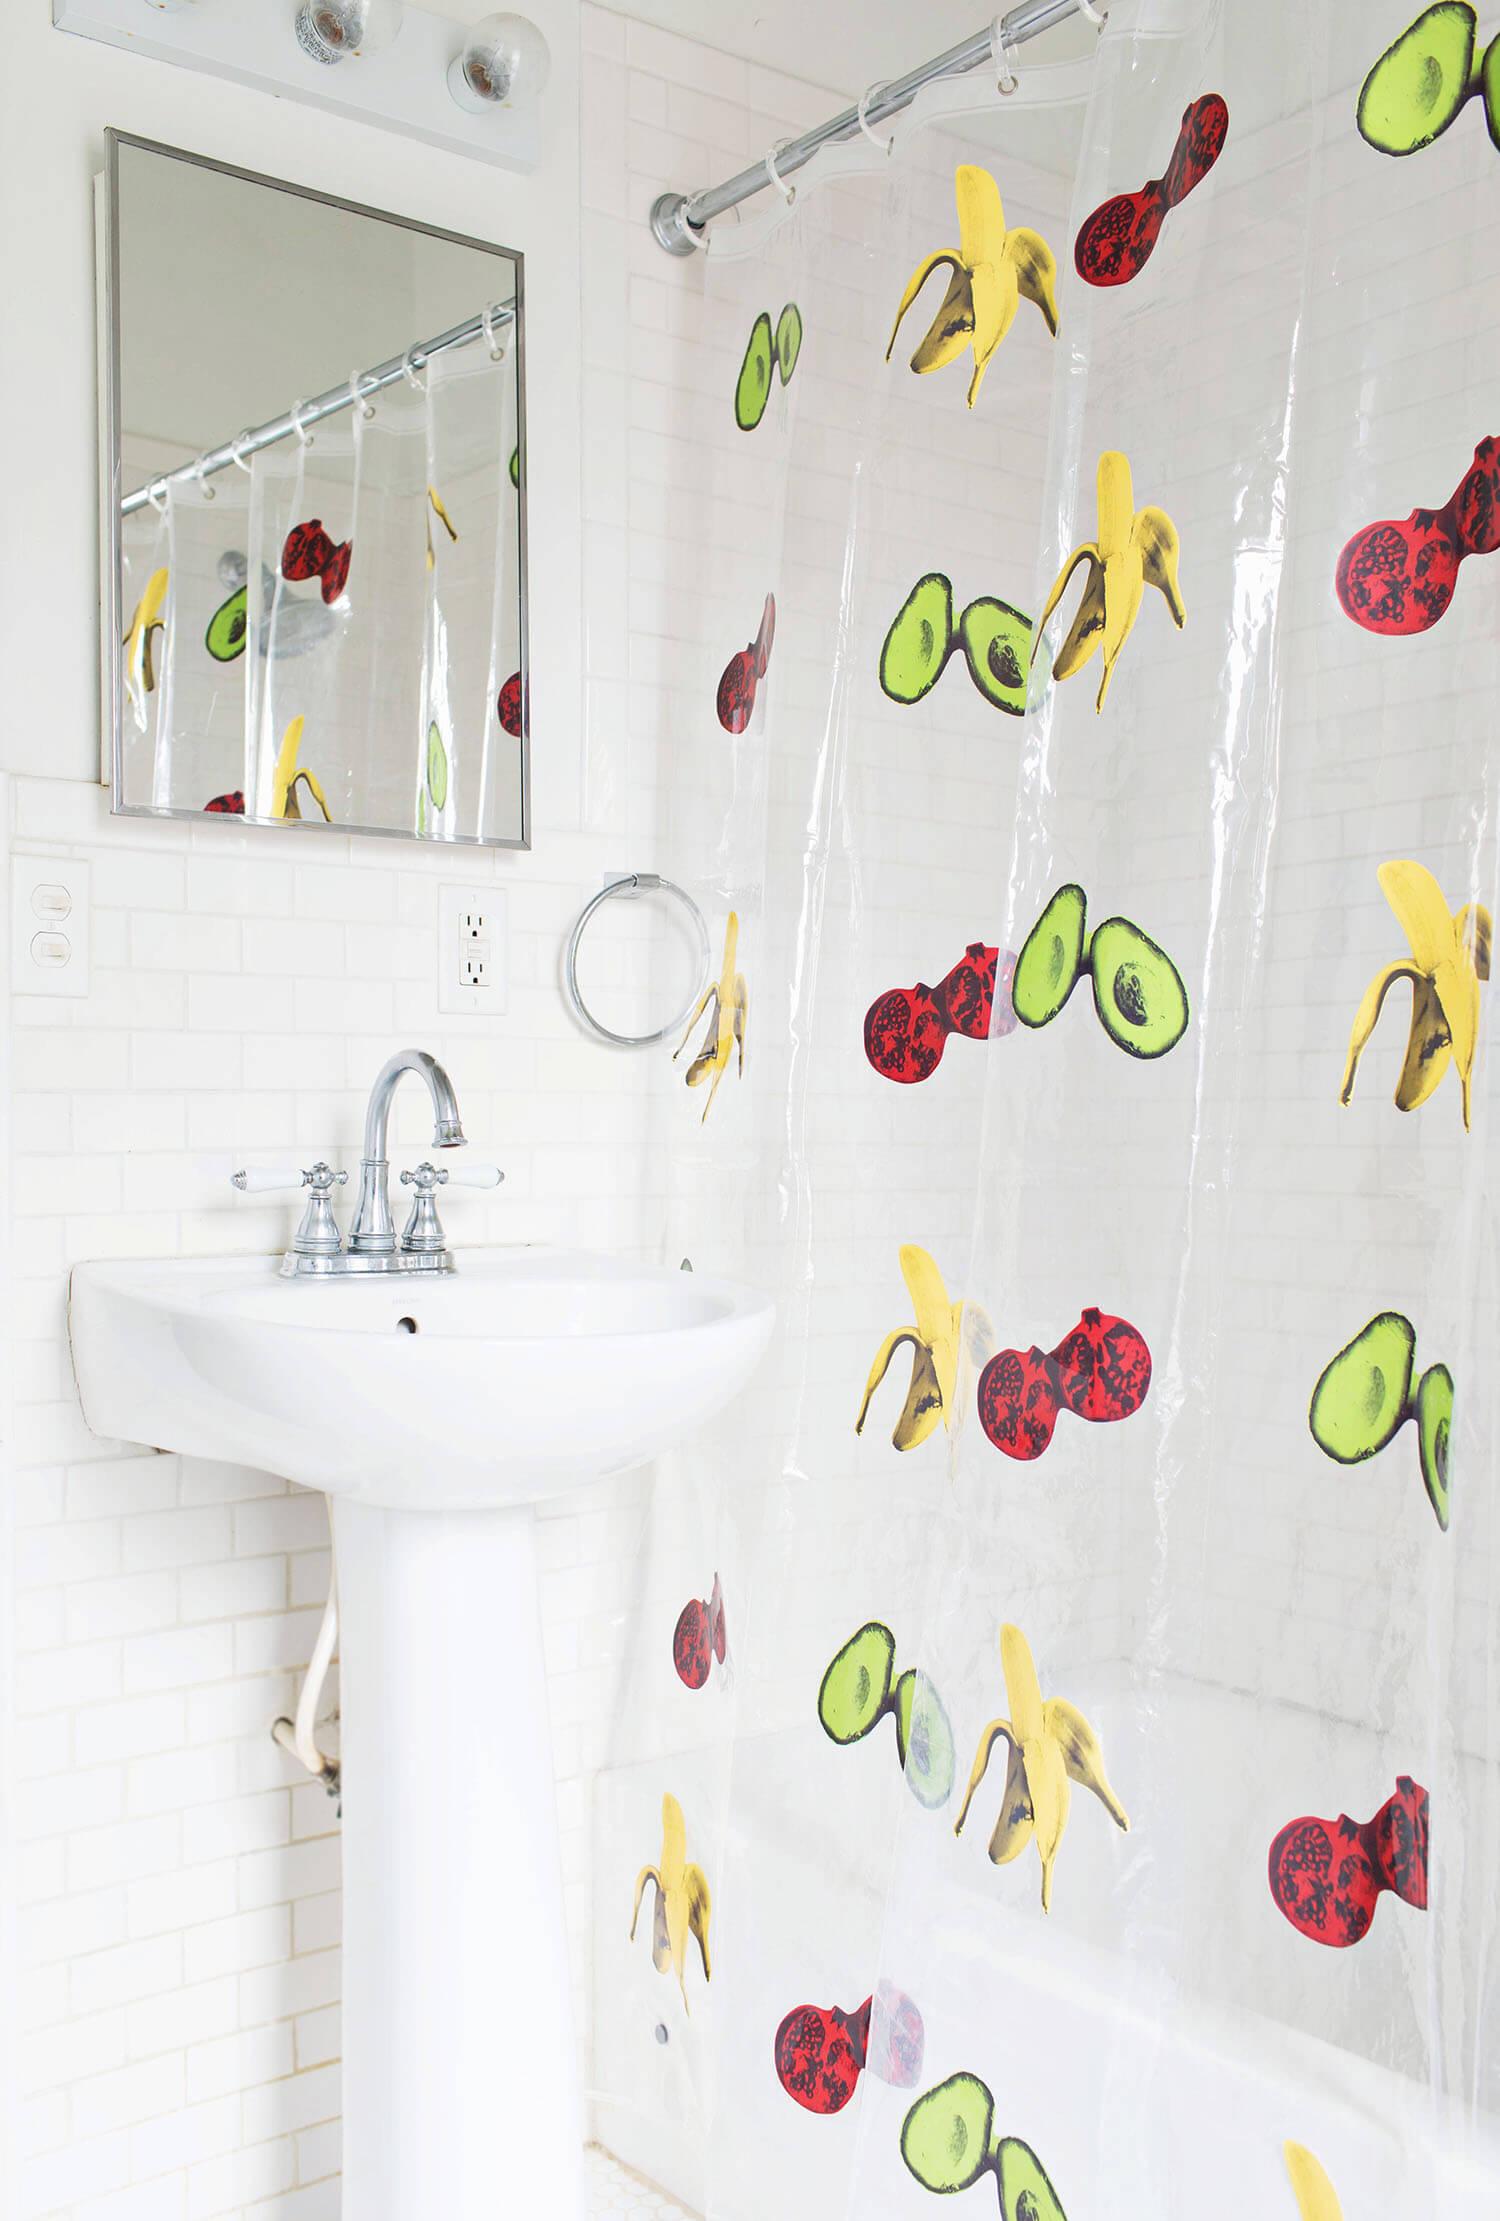 DIY shower curtain (via fitness-4all.com)